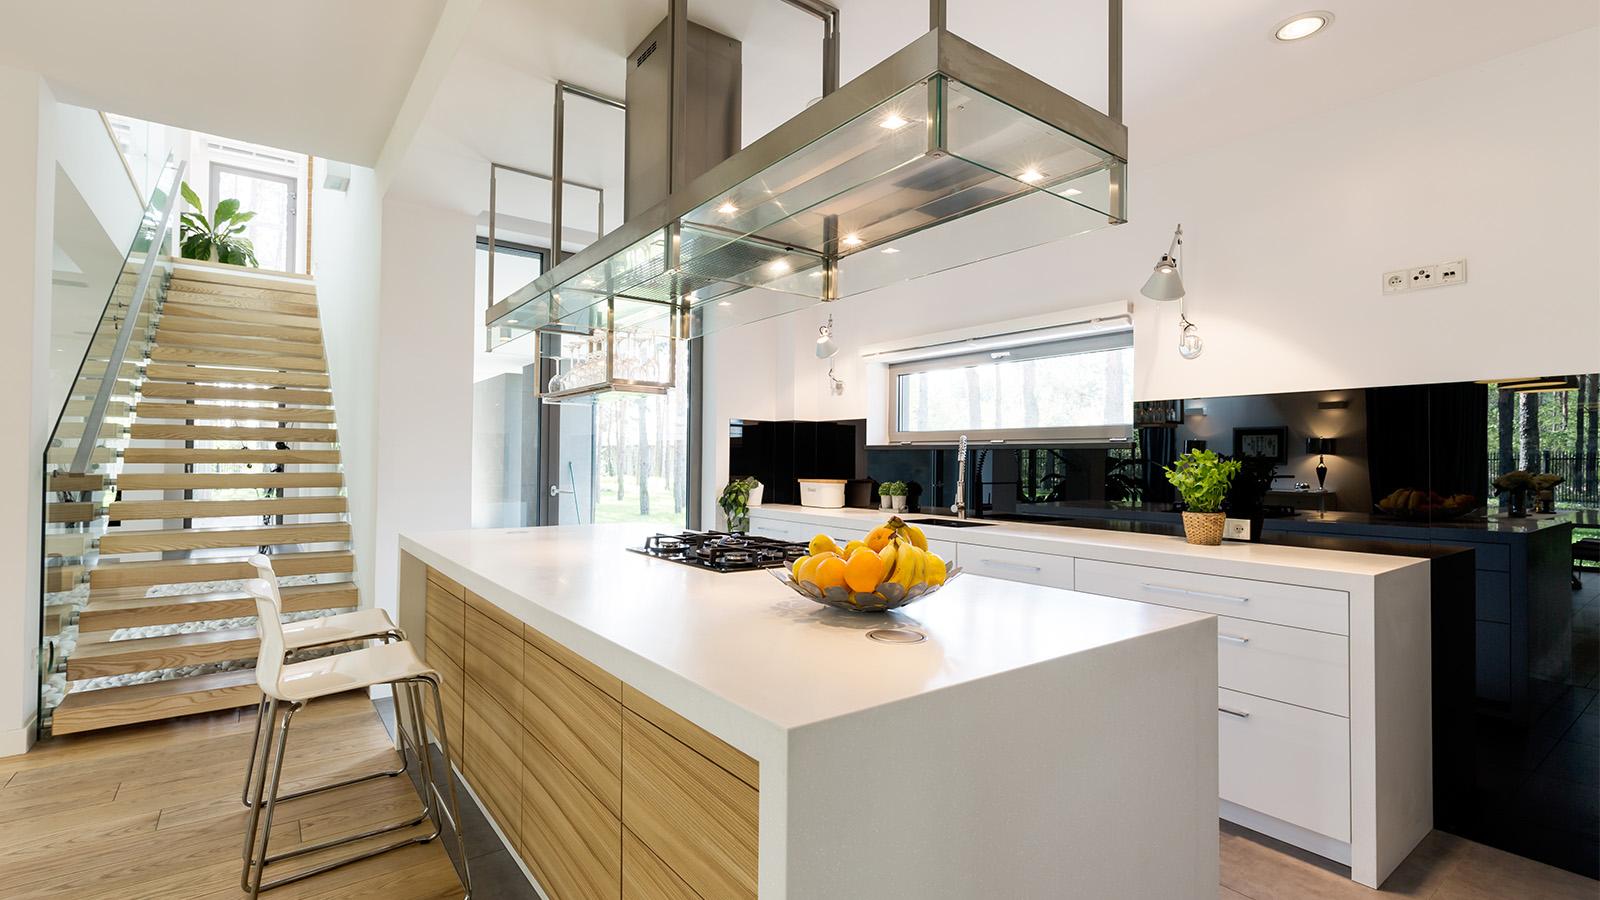 Moderne Küche mit schwarz lackierter Küchenrückwand